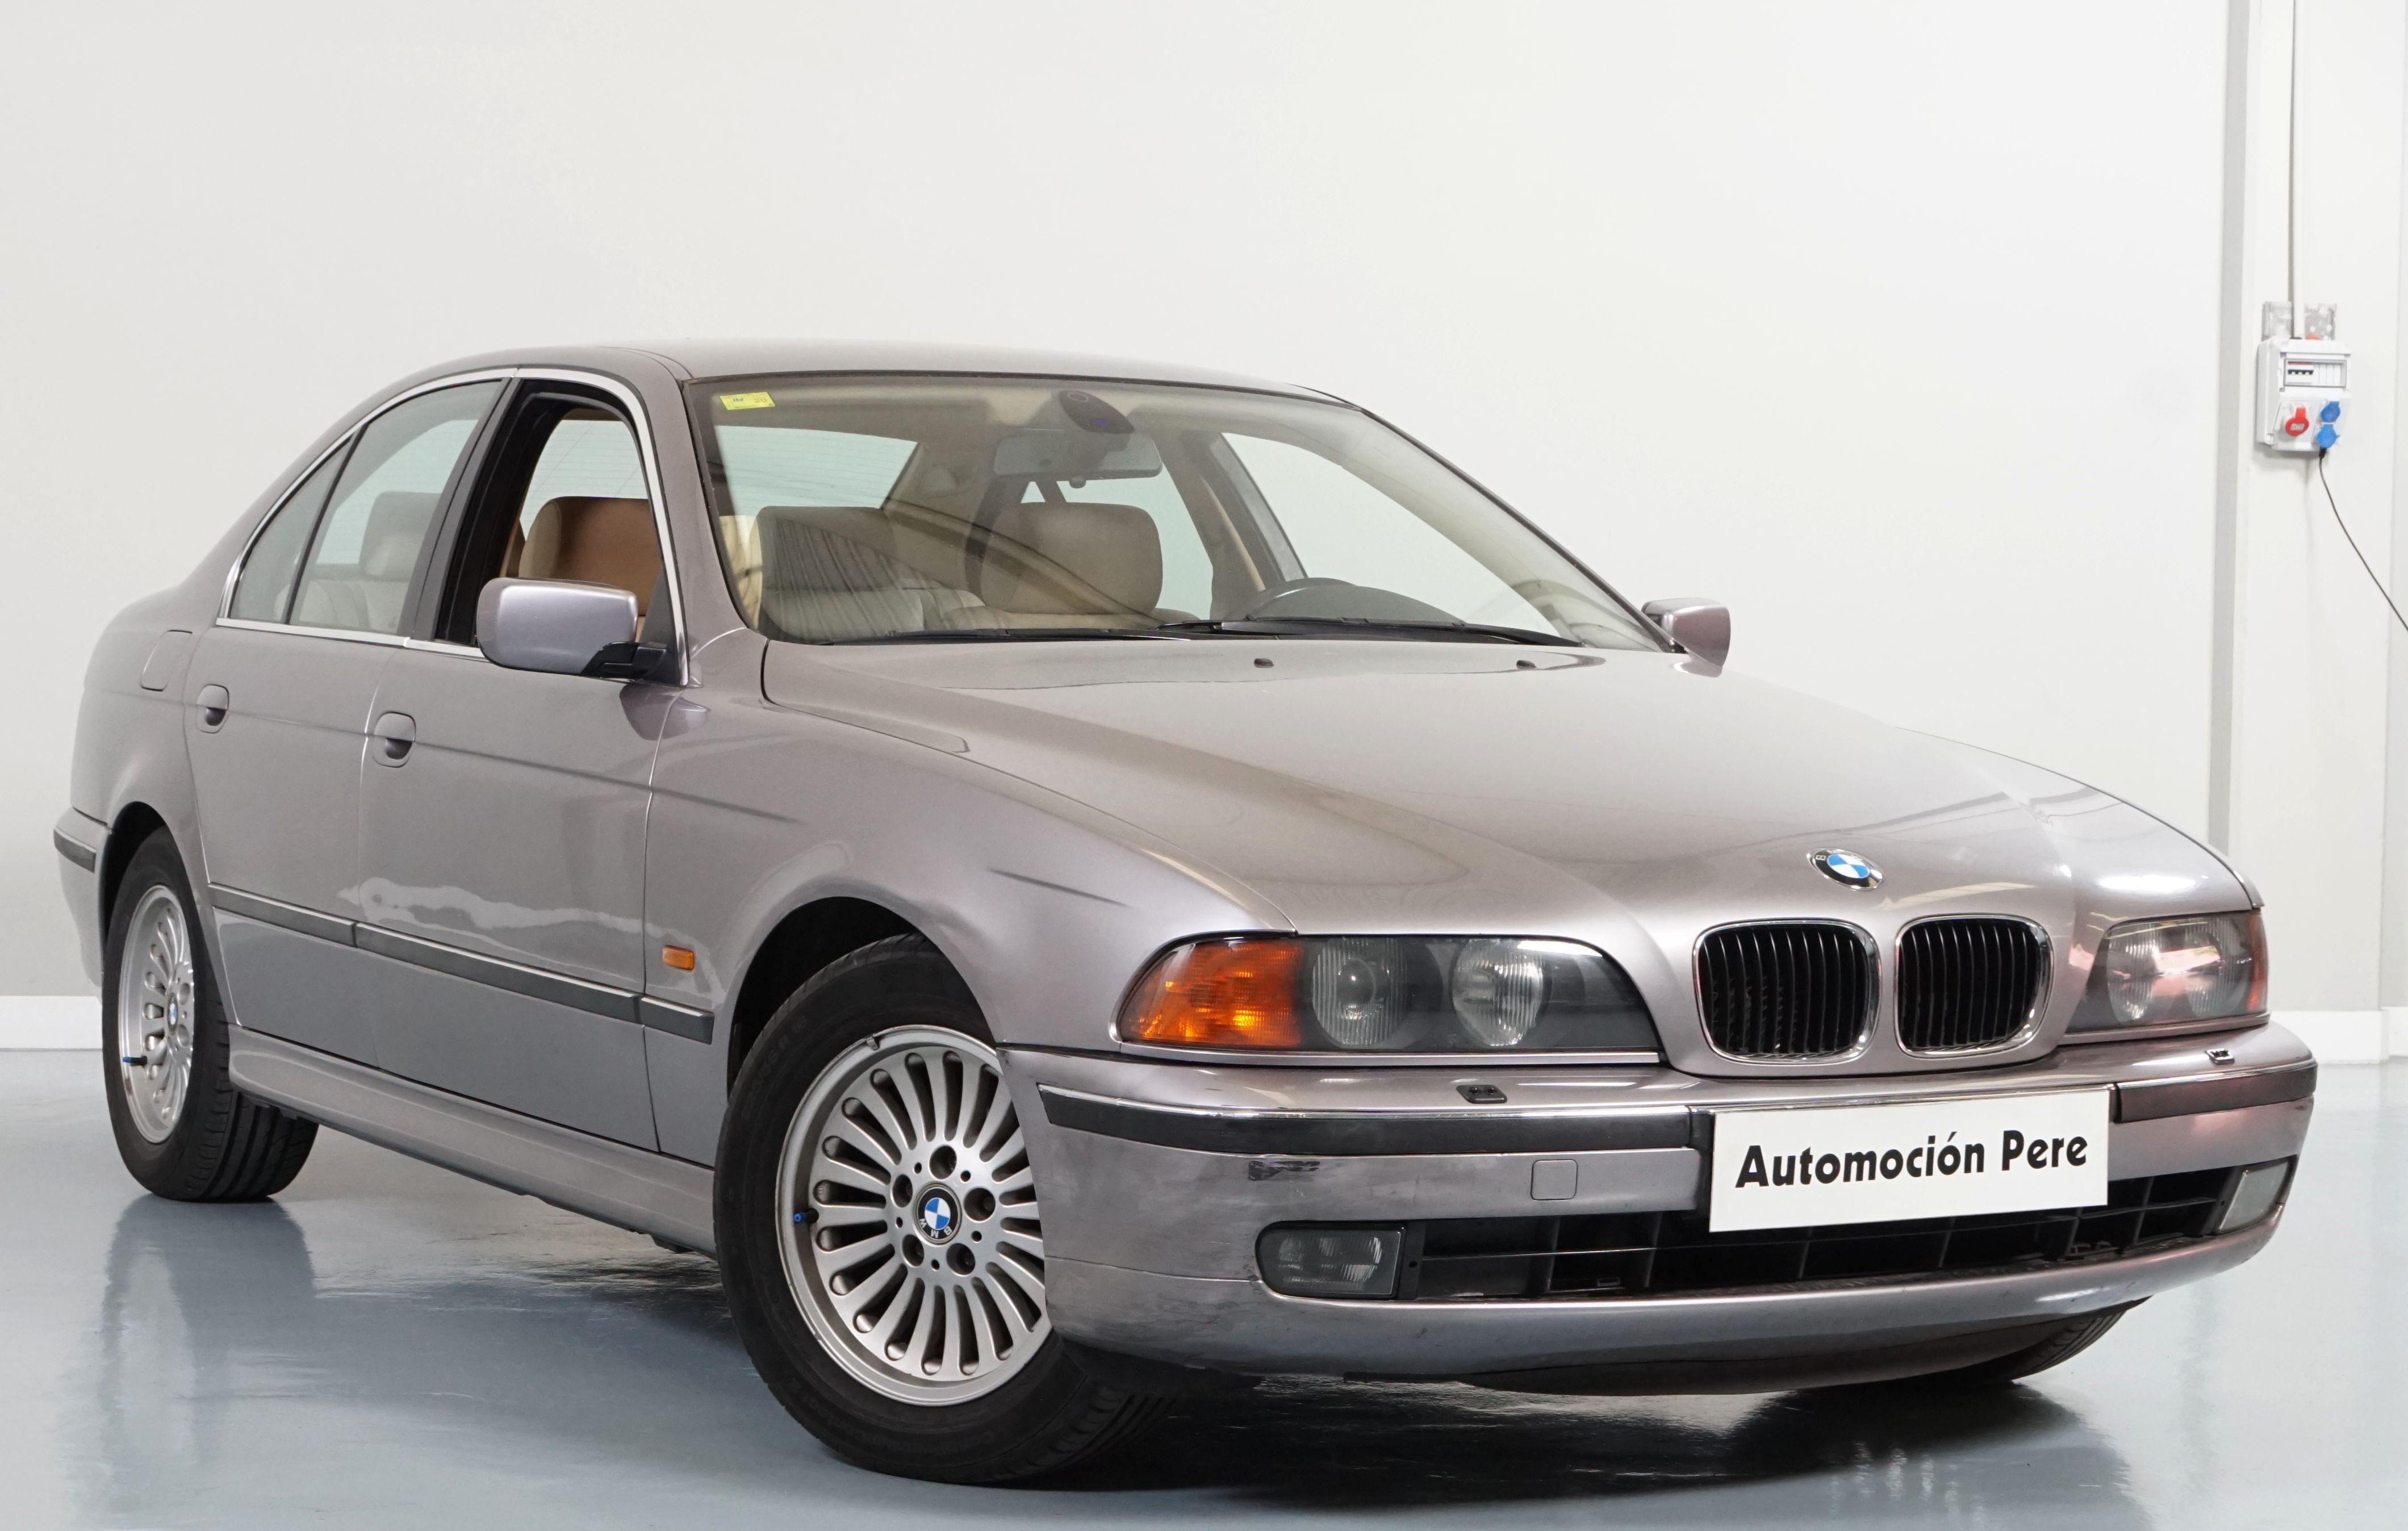 BMW 528i Aut. Nacional, Pocos Kms, 1 Solo Propietario.